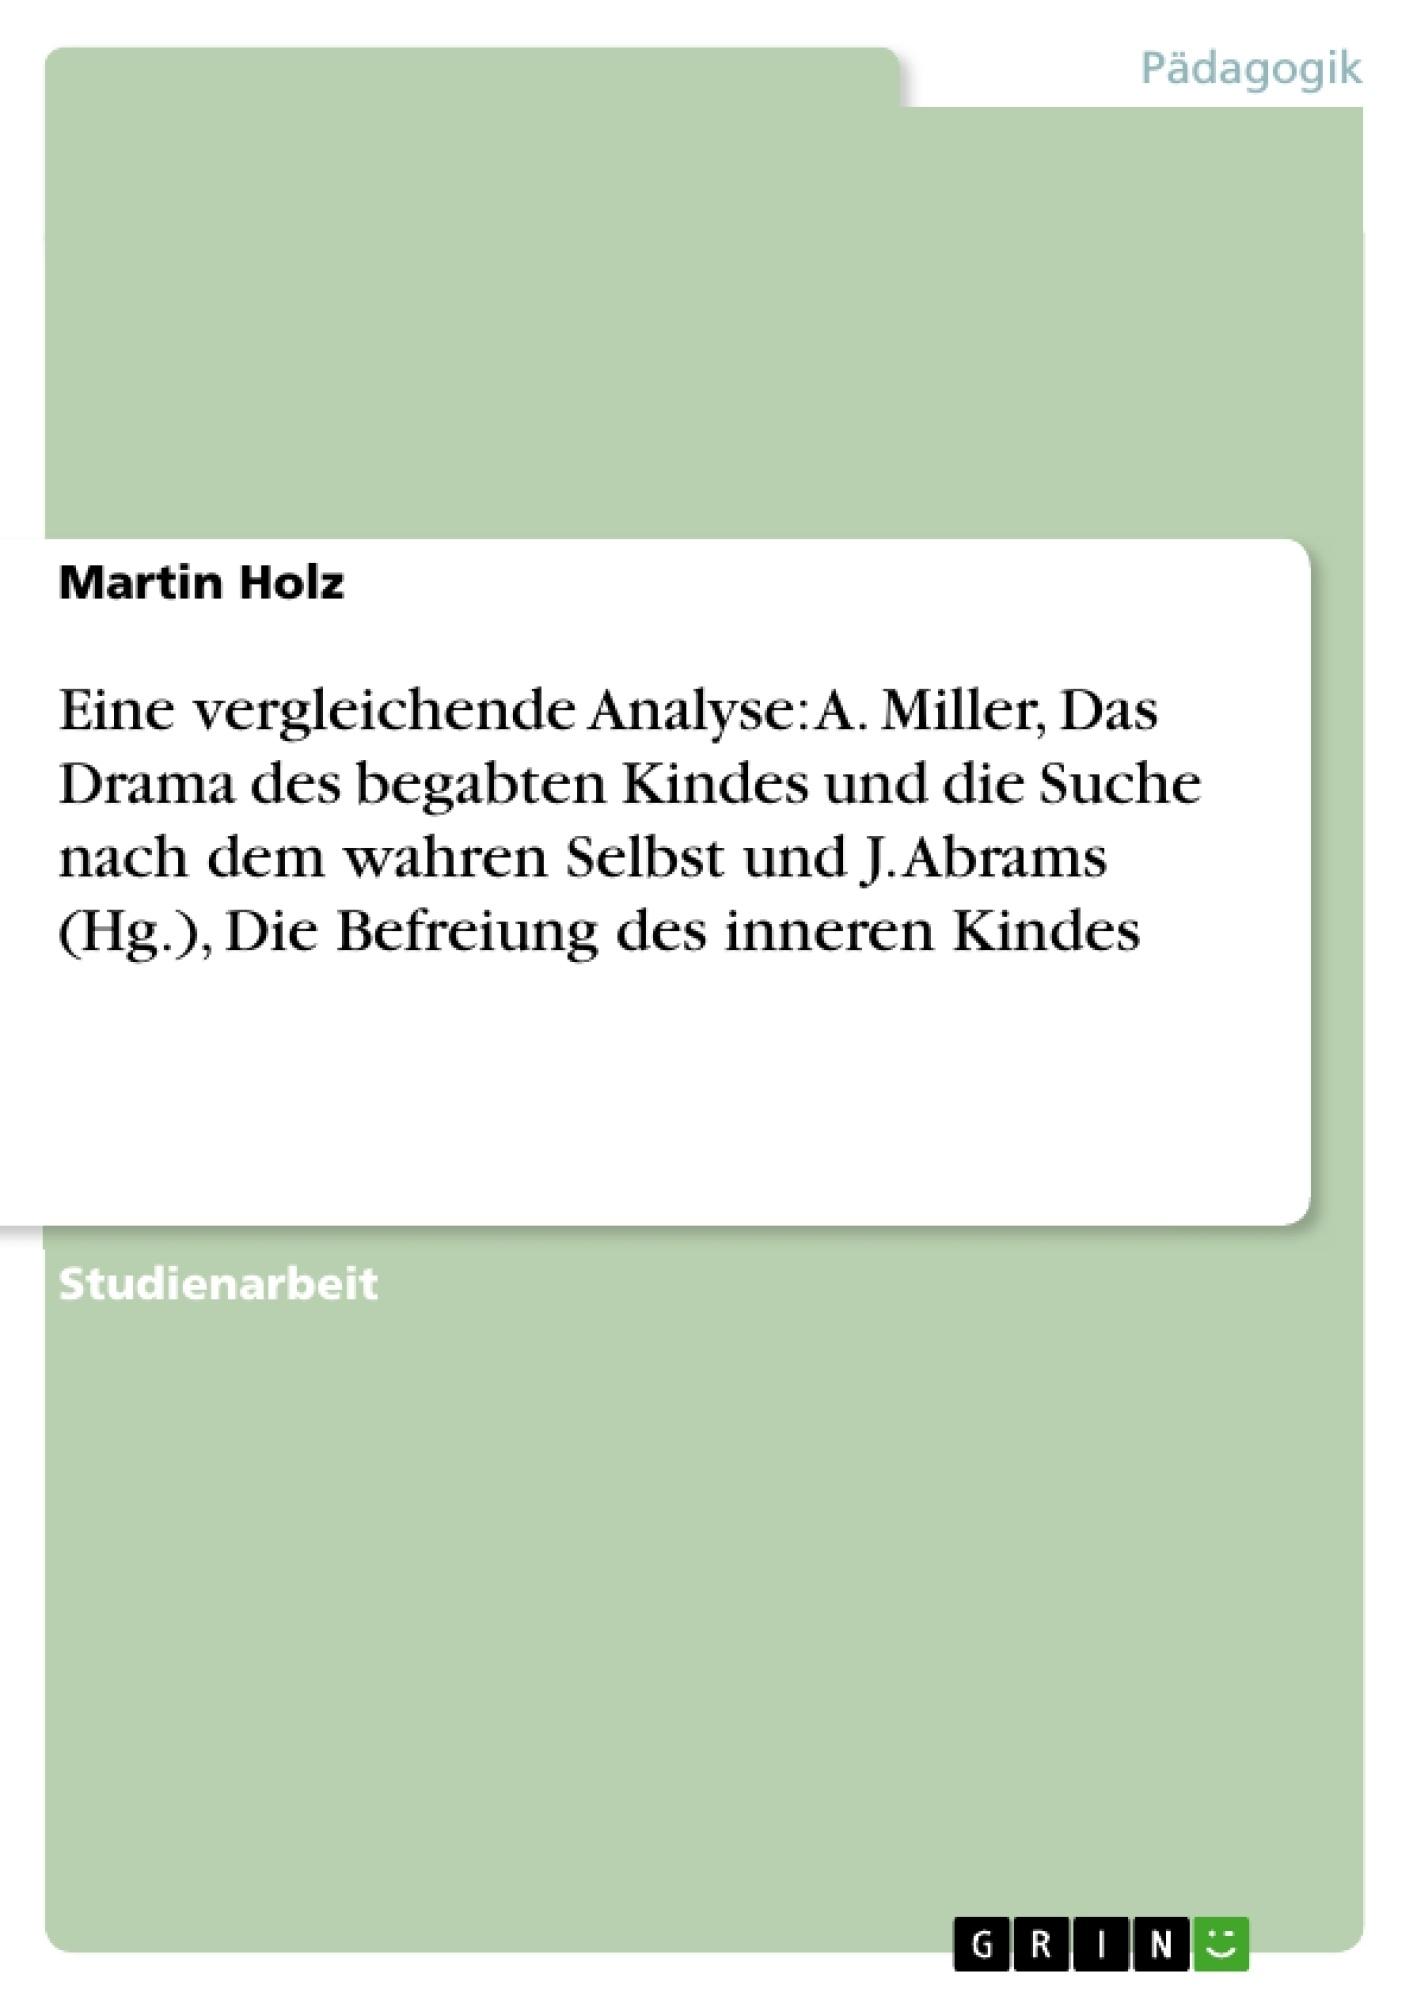 Titel: Eine vergleichende Analyse: A. Miller, Das Drama des begabten Kindes und die Suche nach dem wahren Selbst und J. Abrams (Hg.), Die Befreiung des inneren Kindes